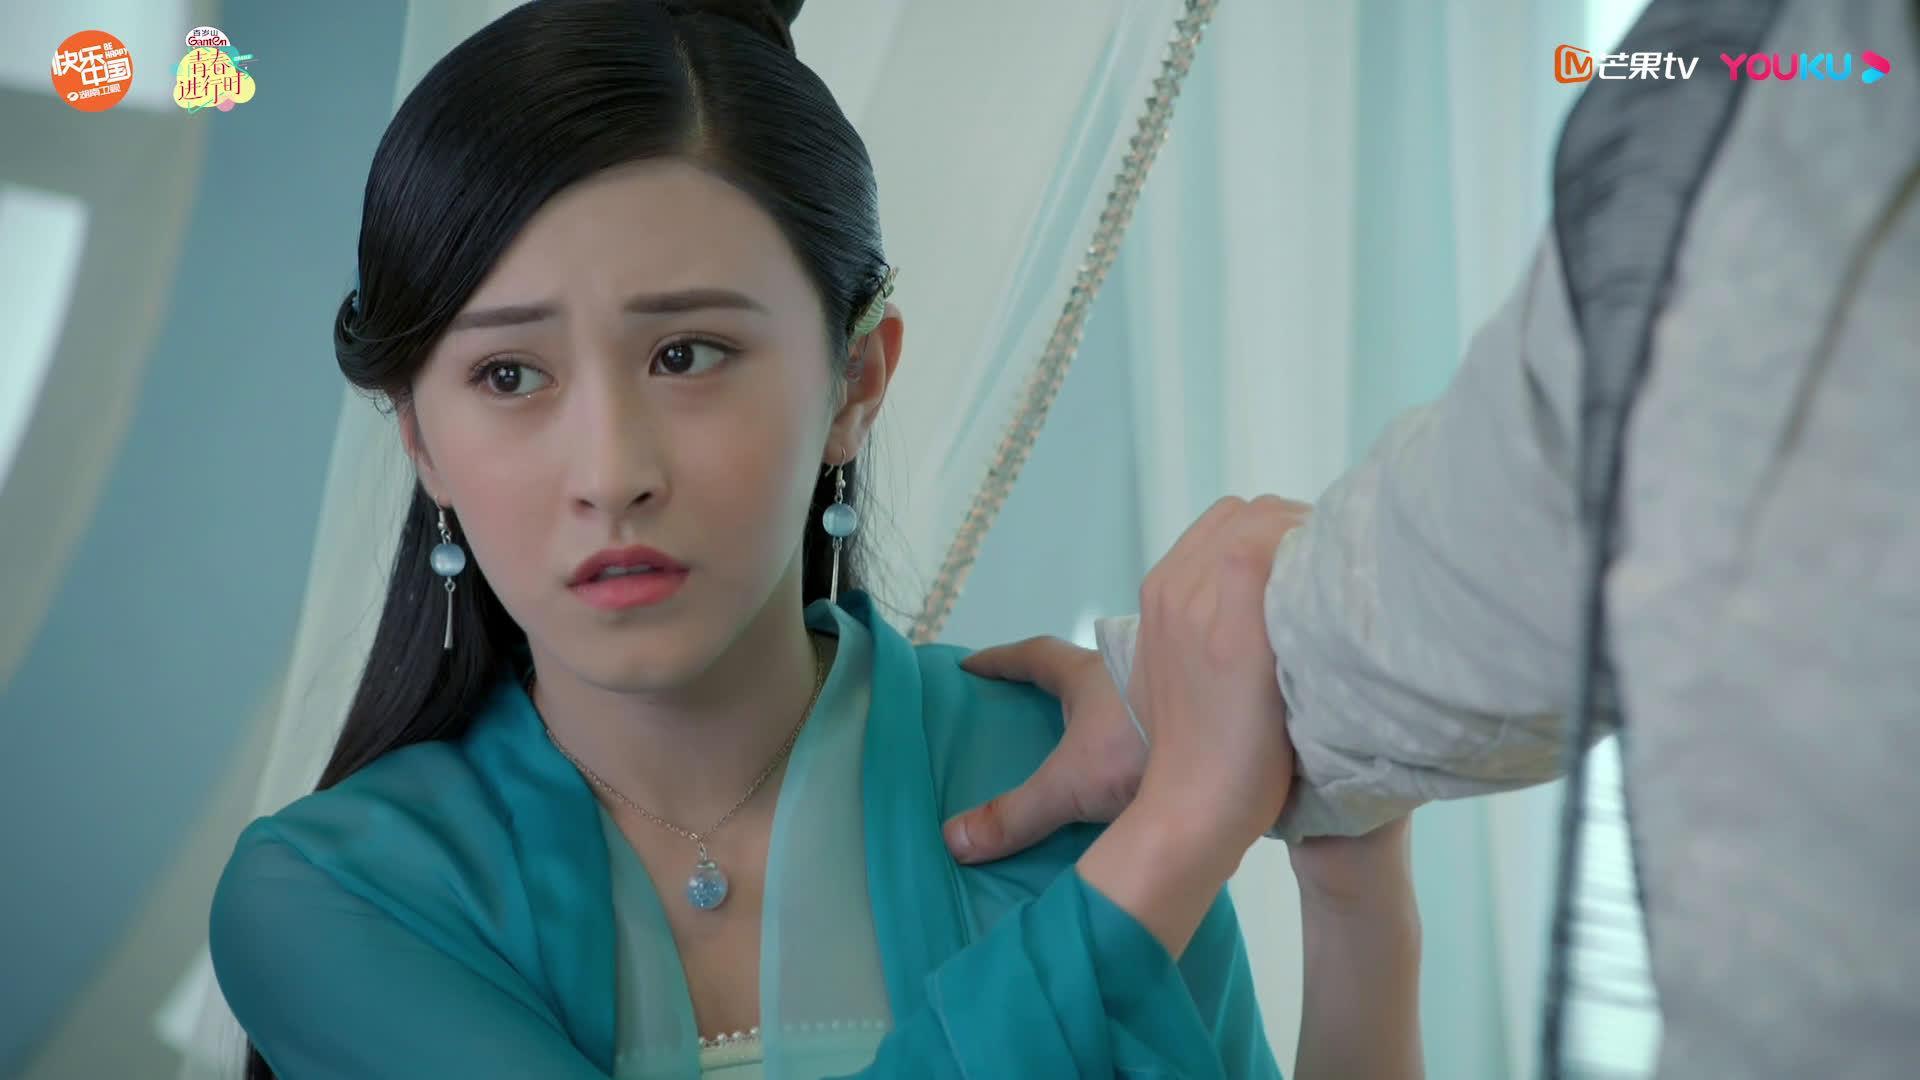 蛇姬@李昕岳Sienna 以敖揭@演员韩帅 的性命相威胁……